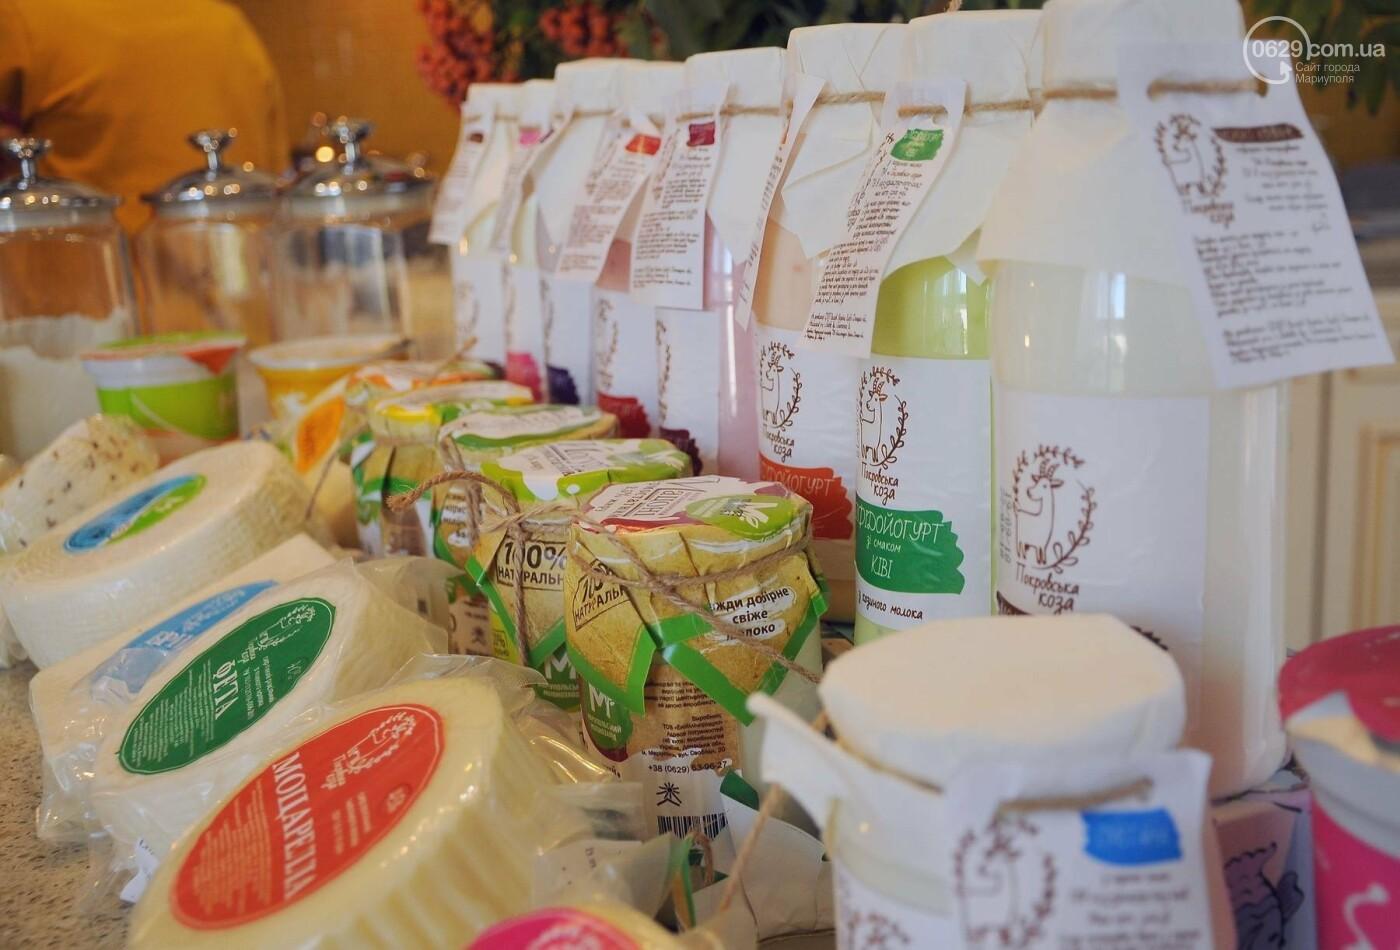 Ко Дню пищевика Мариупольский молокозавод дарит 1000 гривен  , фото-4